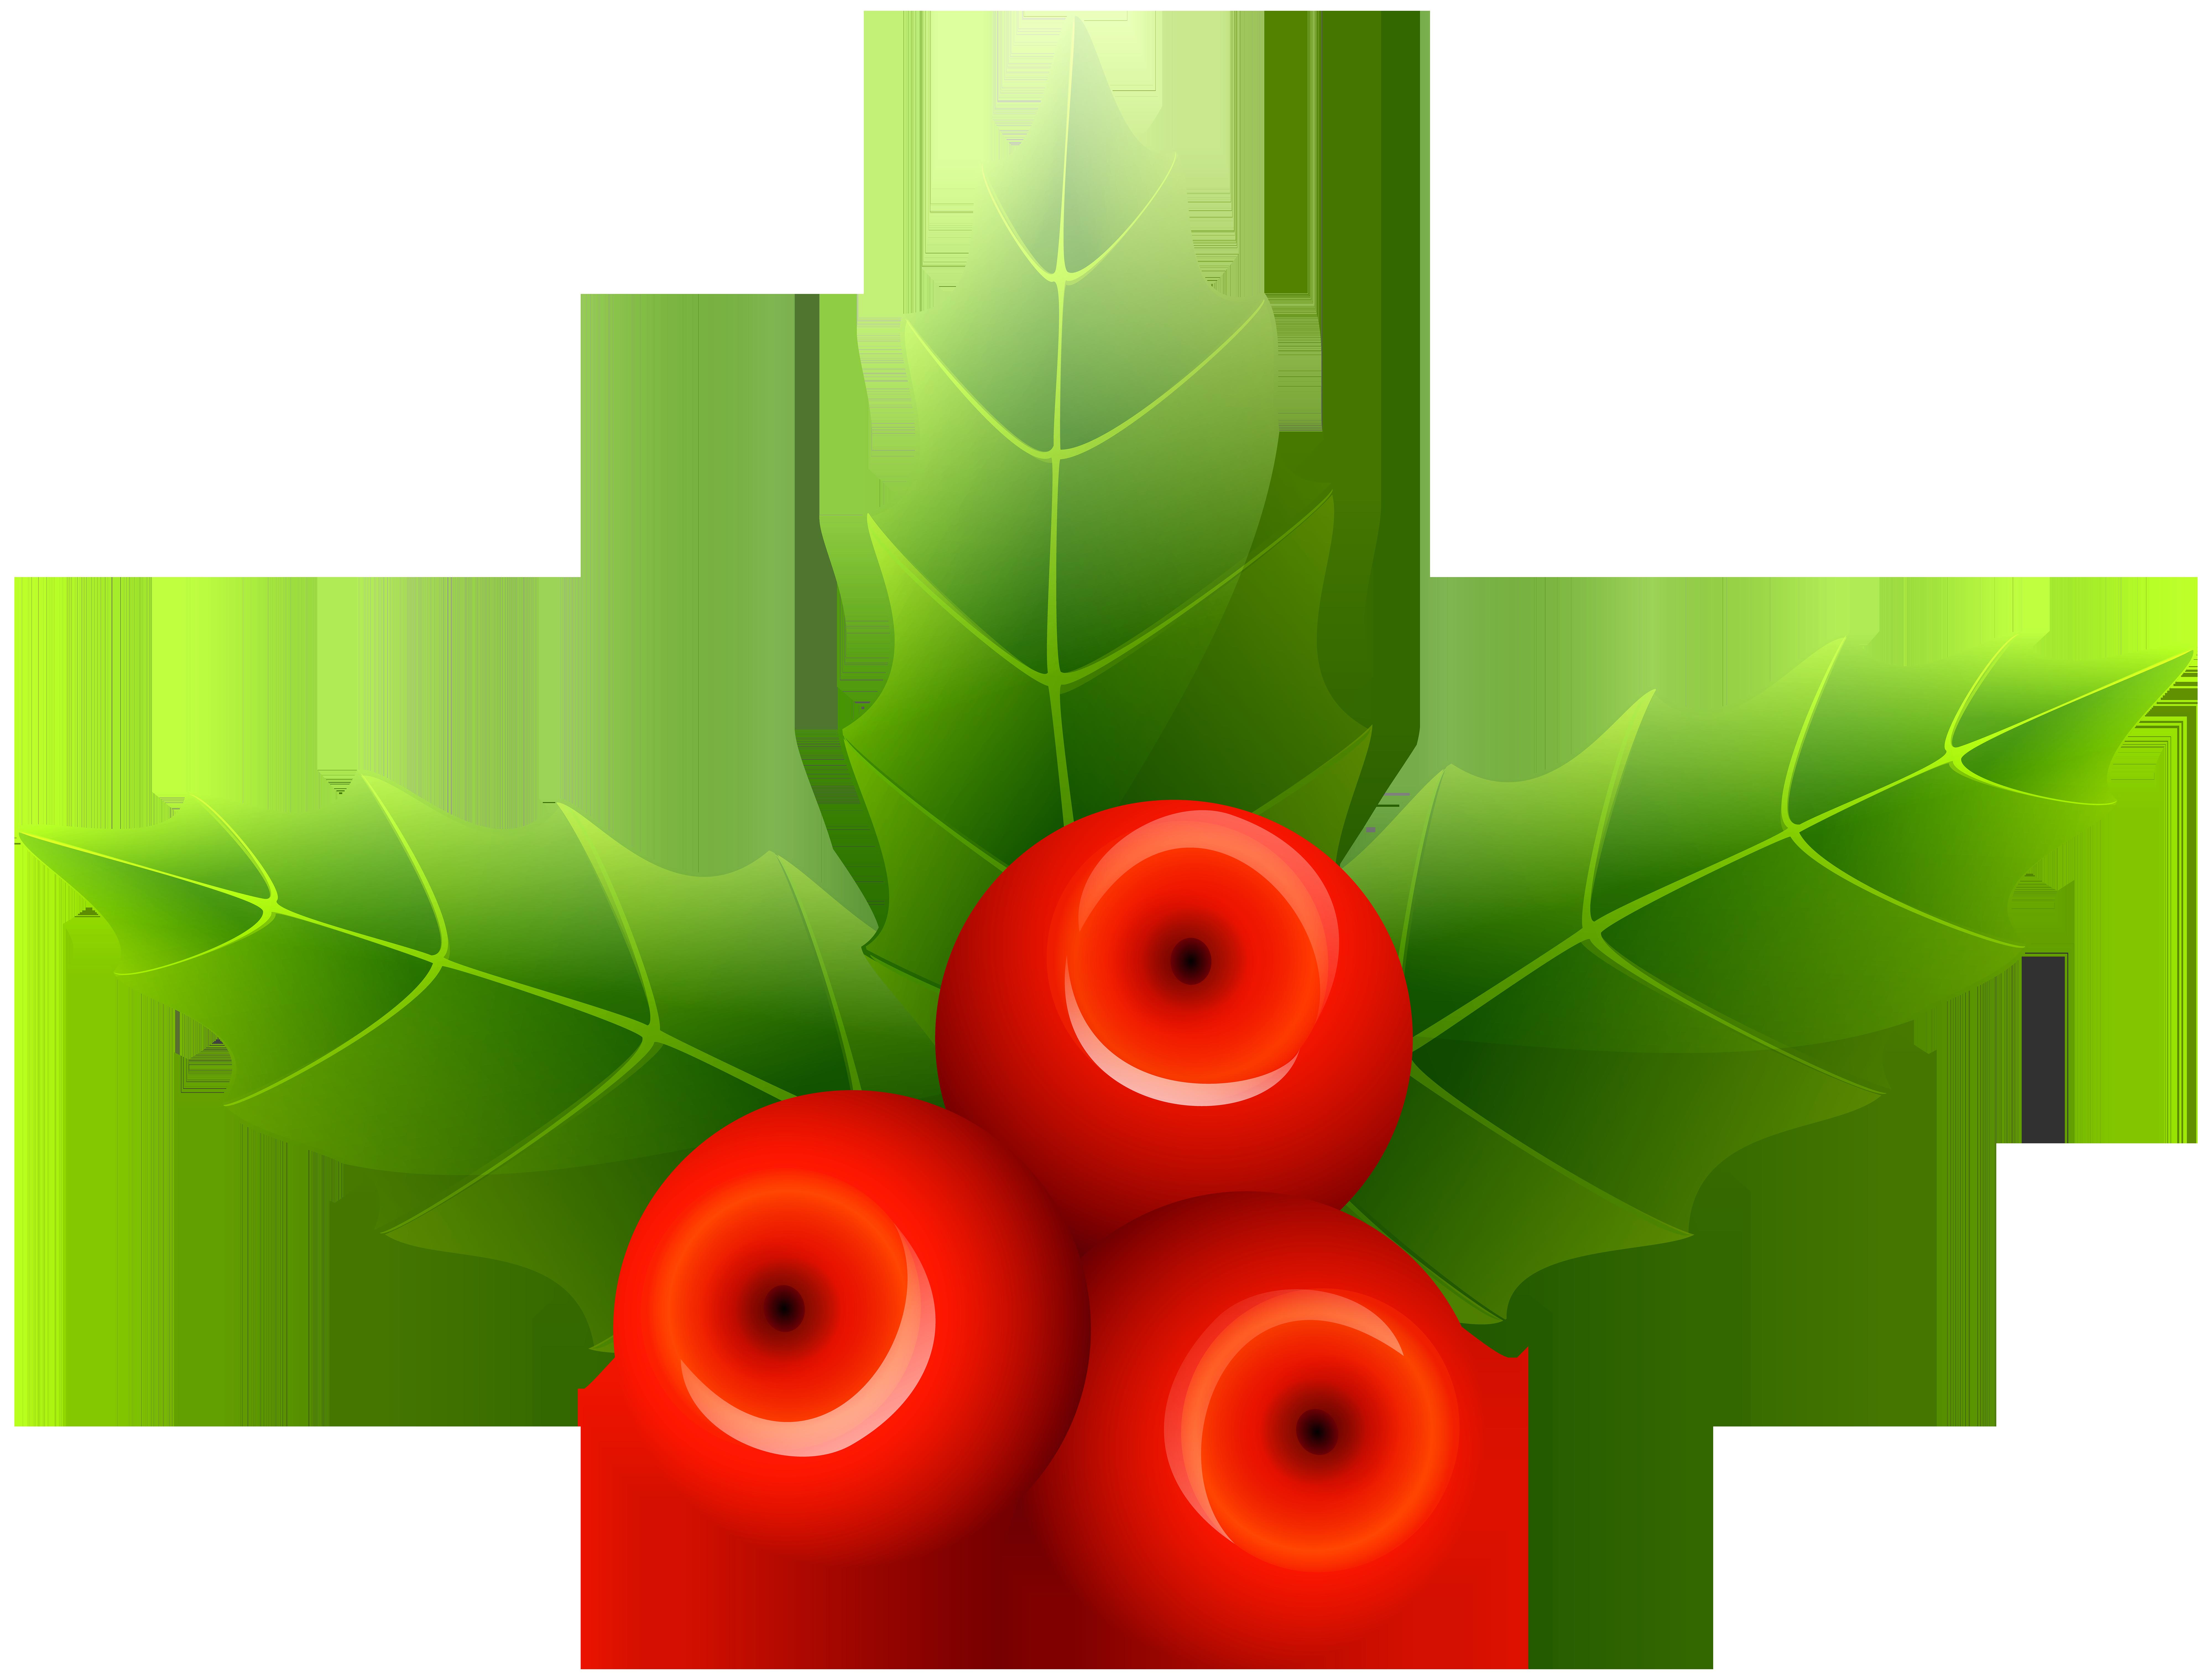 Png clip art image. Mistletoe clipart